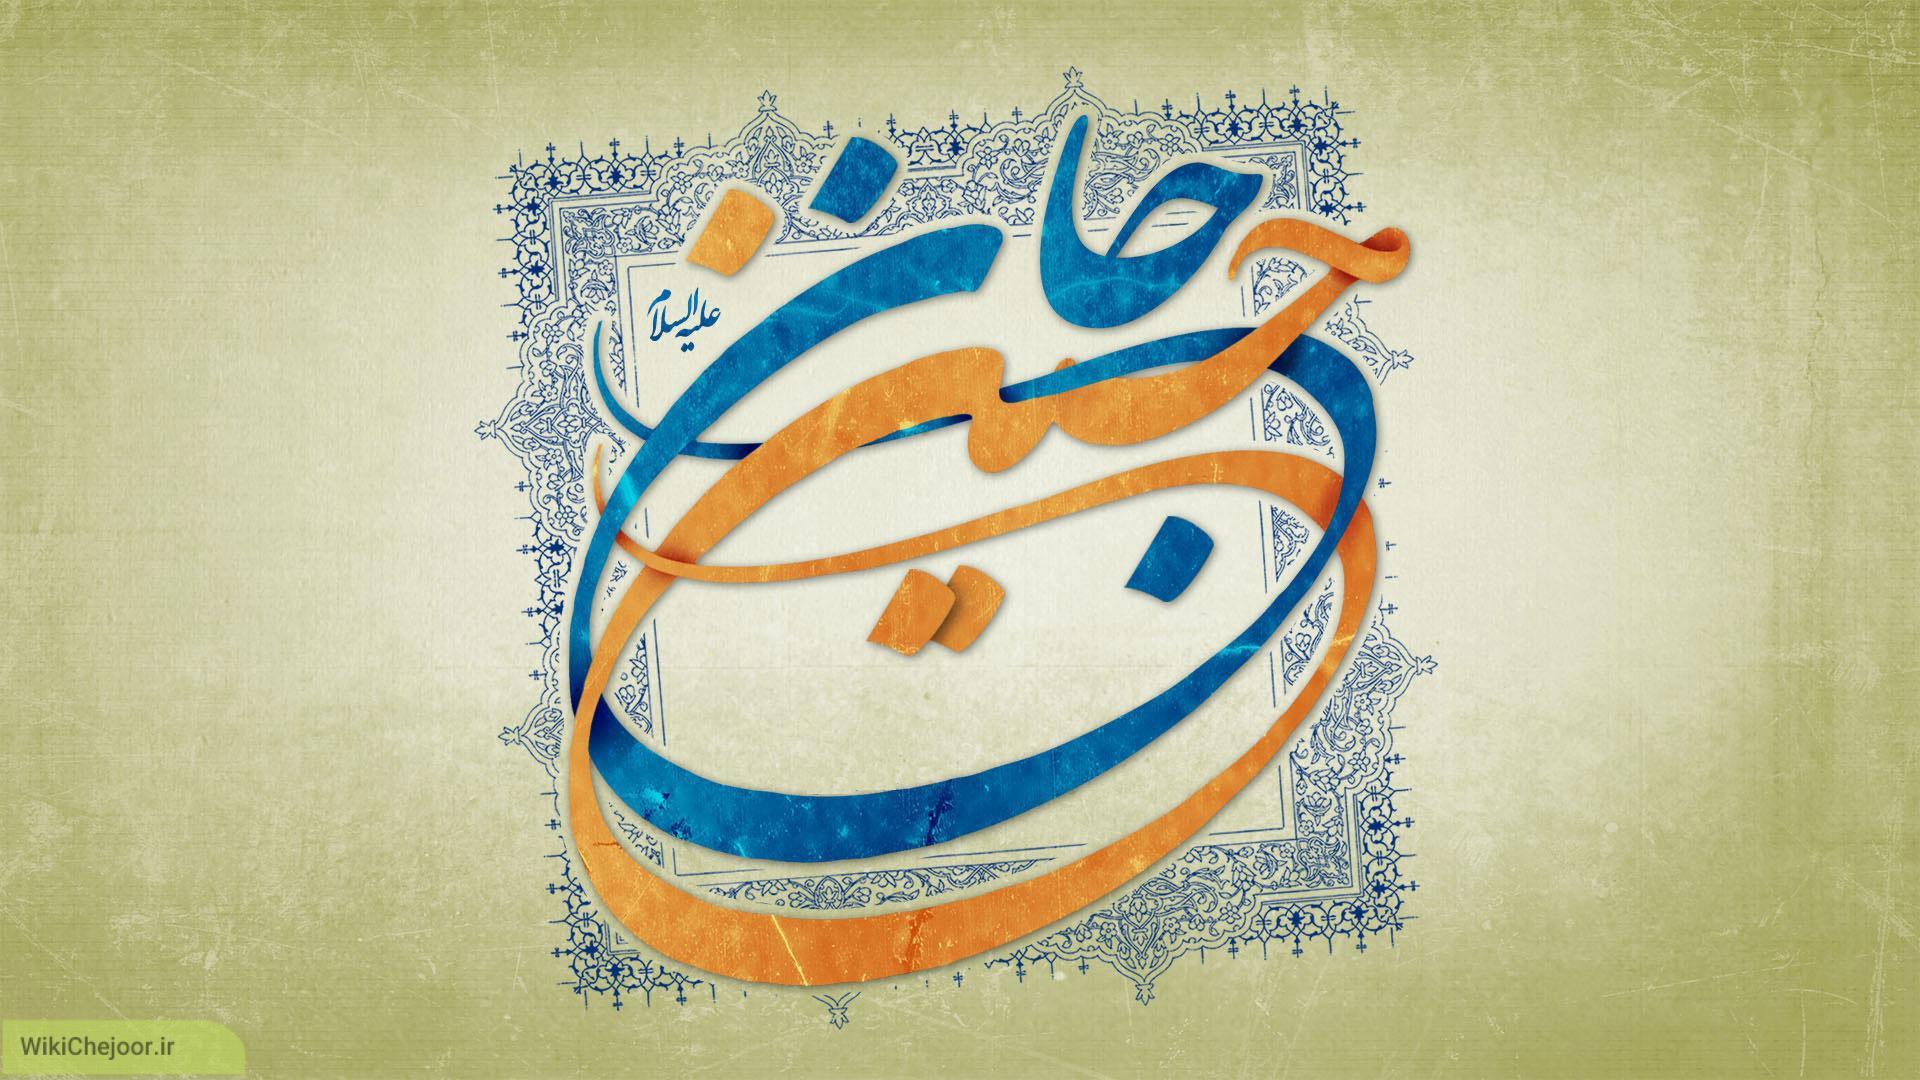 خطبه ی امام حسین(ع) در برابر علمای اسلام و صحابی معروف پیامبر(ص) در منا